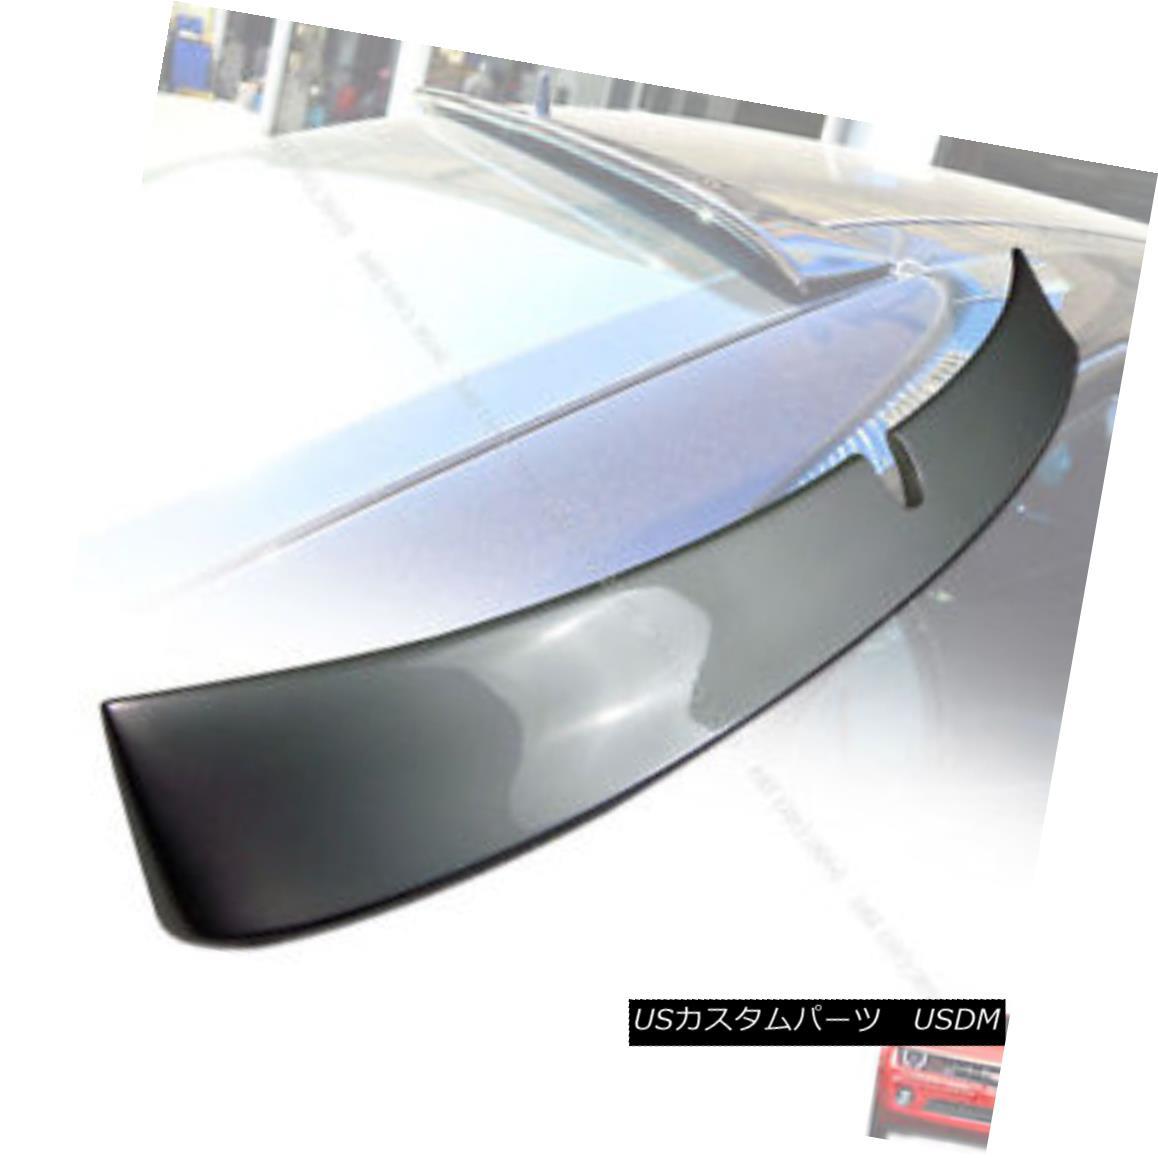 エアロパーツ Mercedes Benz W211 L-Type Rear Roof Spoiler ABS Painted 744 silver メルセデスベンツW211 L型リアルーフスポイラーABS塗装744シルバー